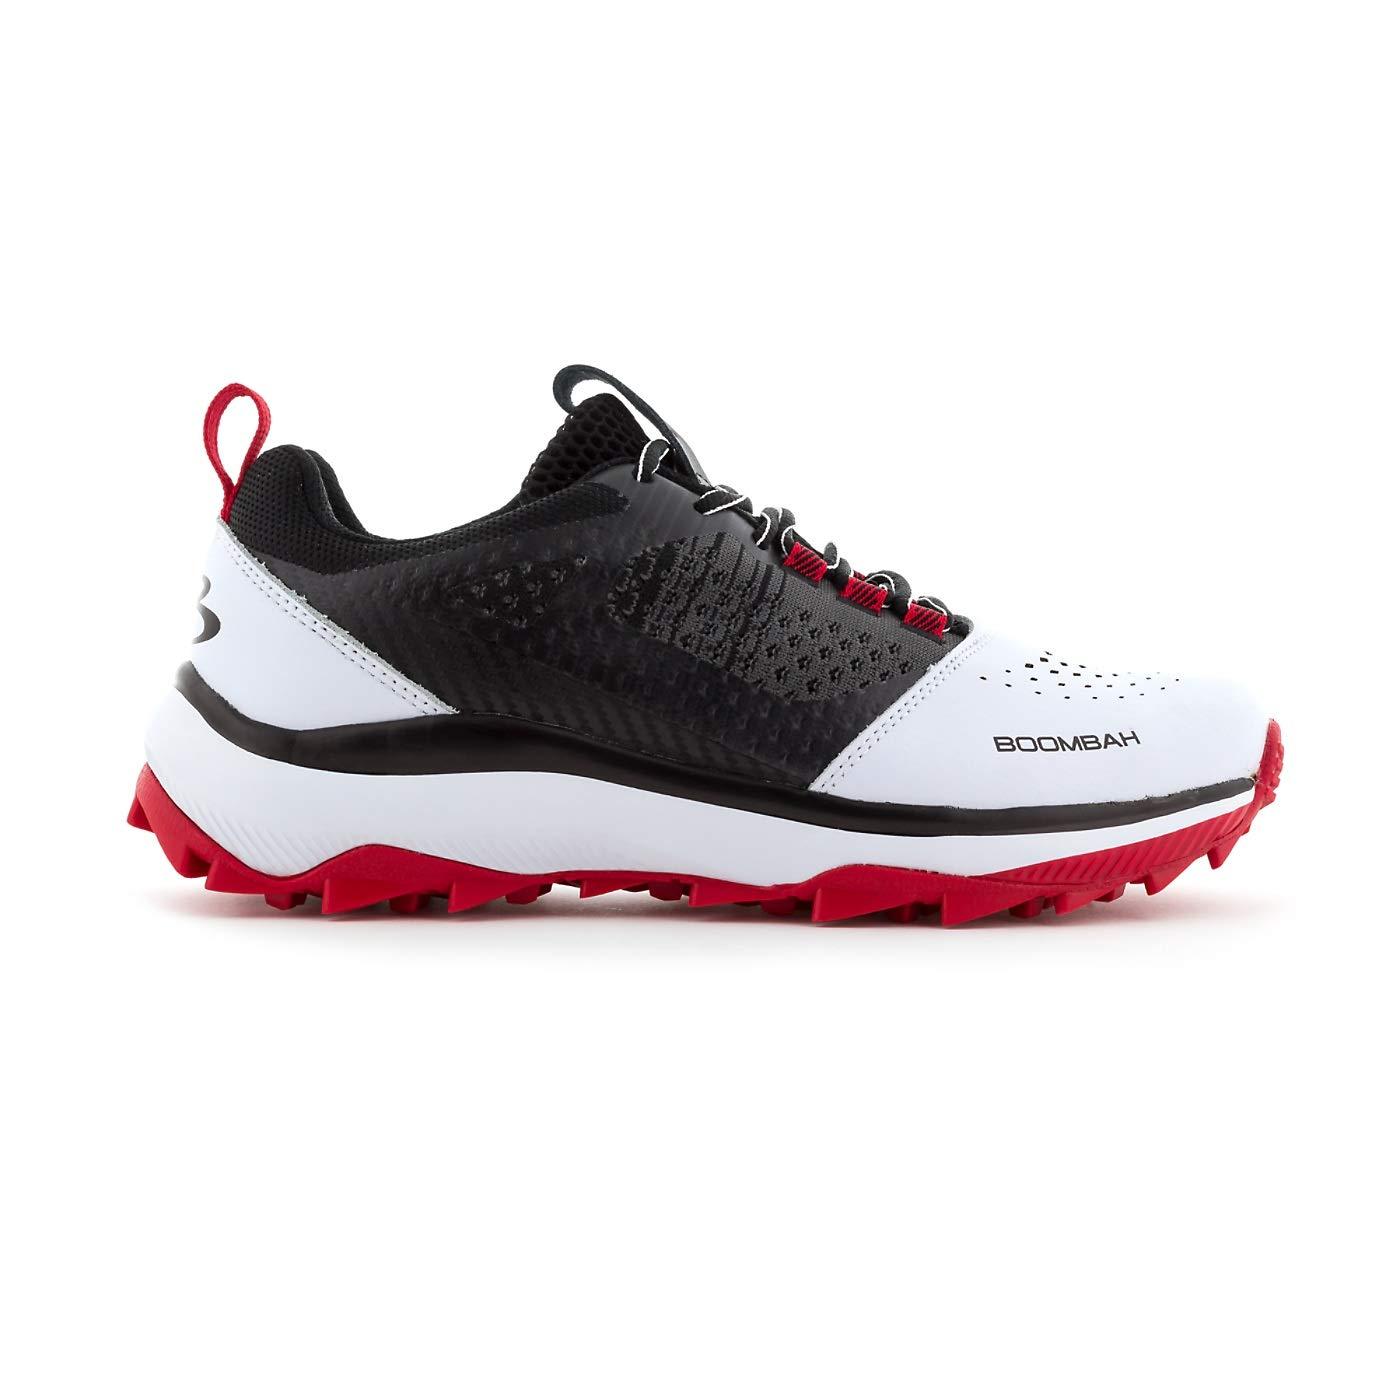 Best Golf Shoes 2020 15 Best spikeless golf shoes 2020 2021 Best Golf Shoes